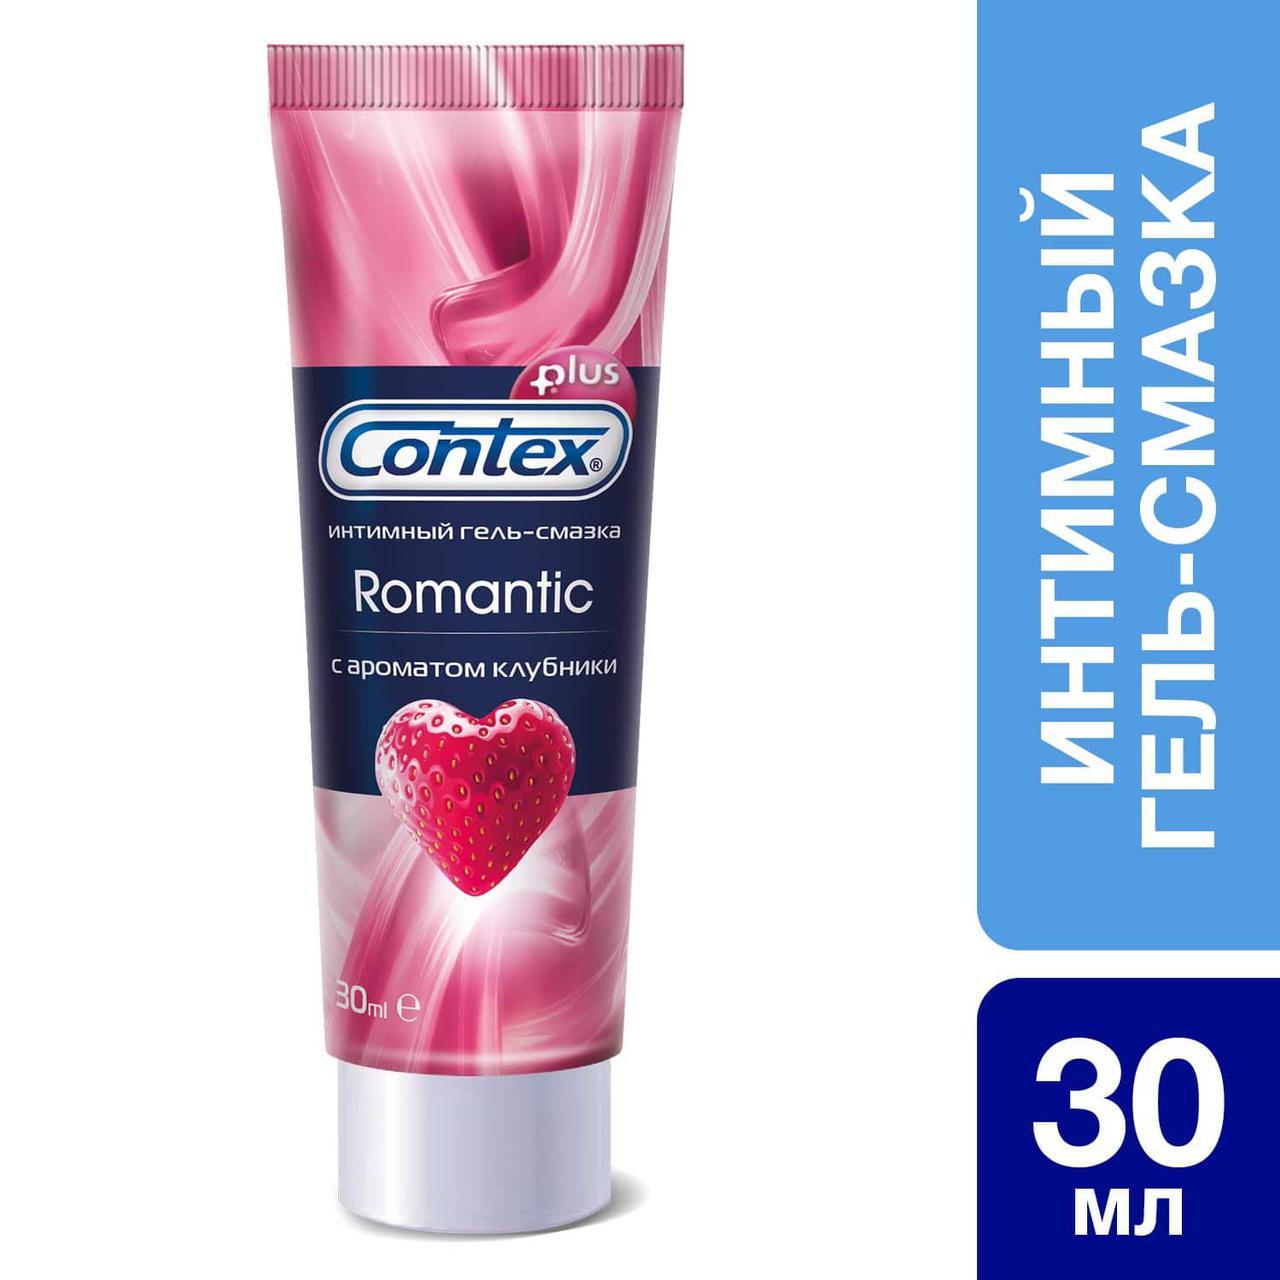 Интимный гель-смазка Contex® Romantic с ароматом клубники 30 мл